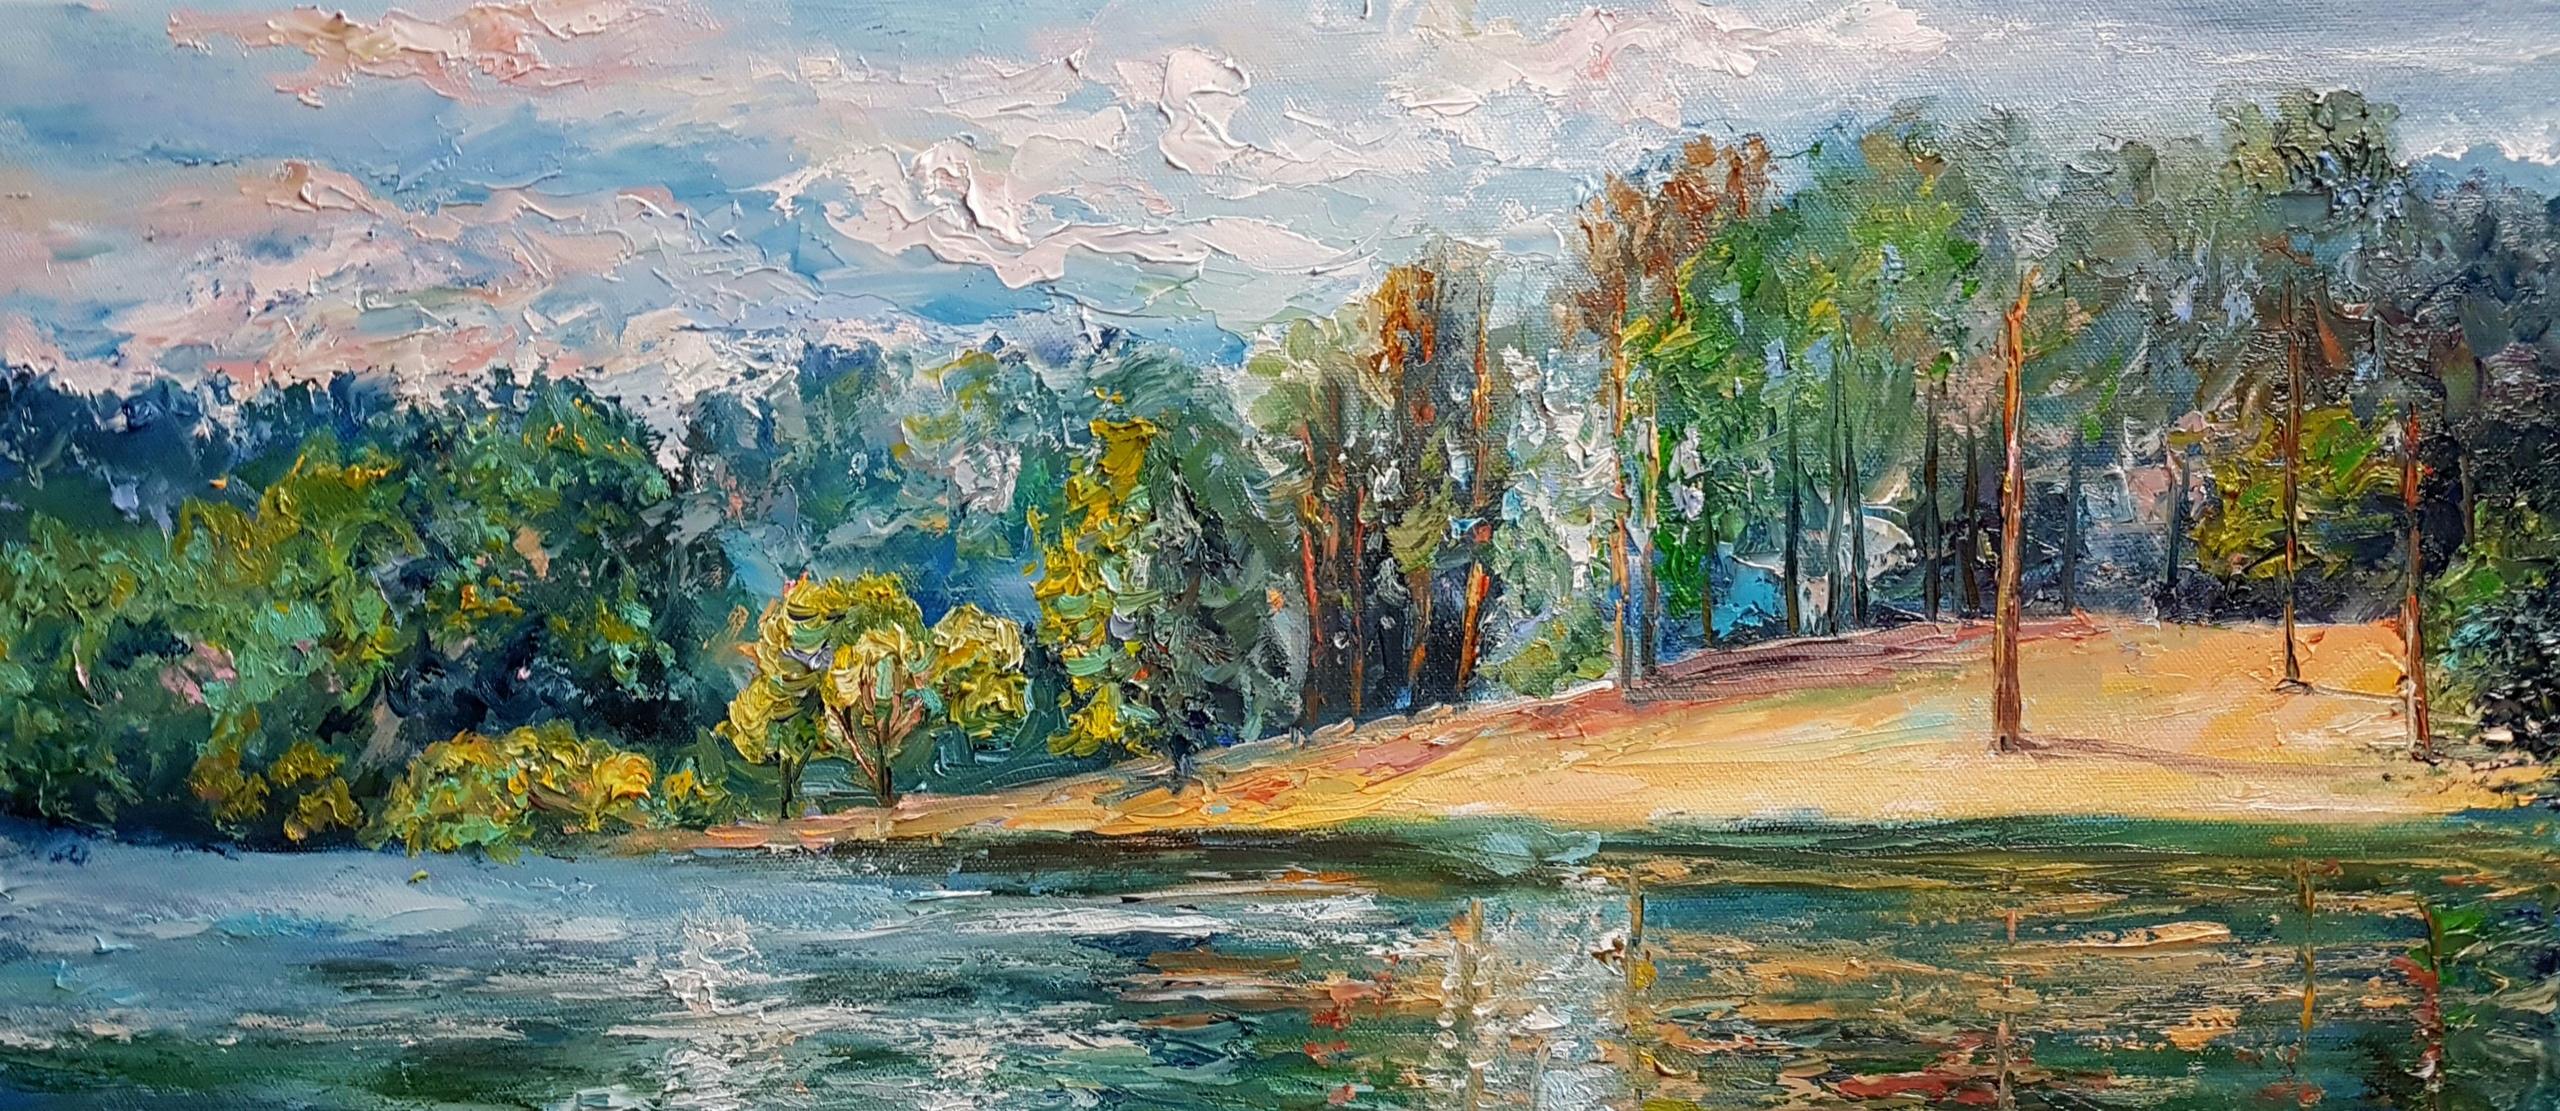 Суздальское озеро, СПб.